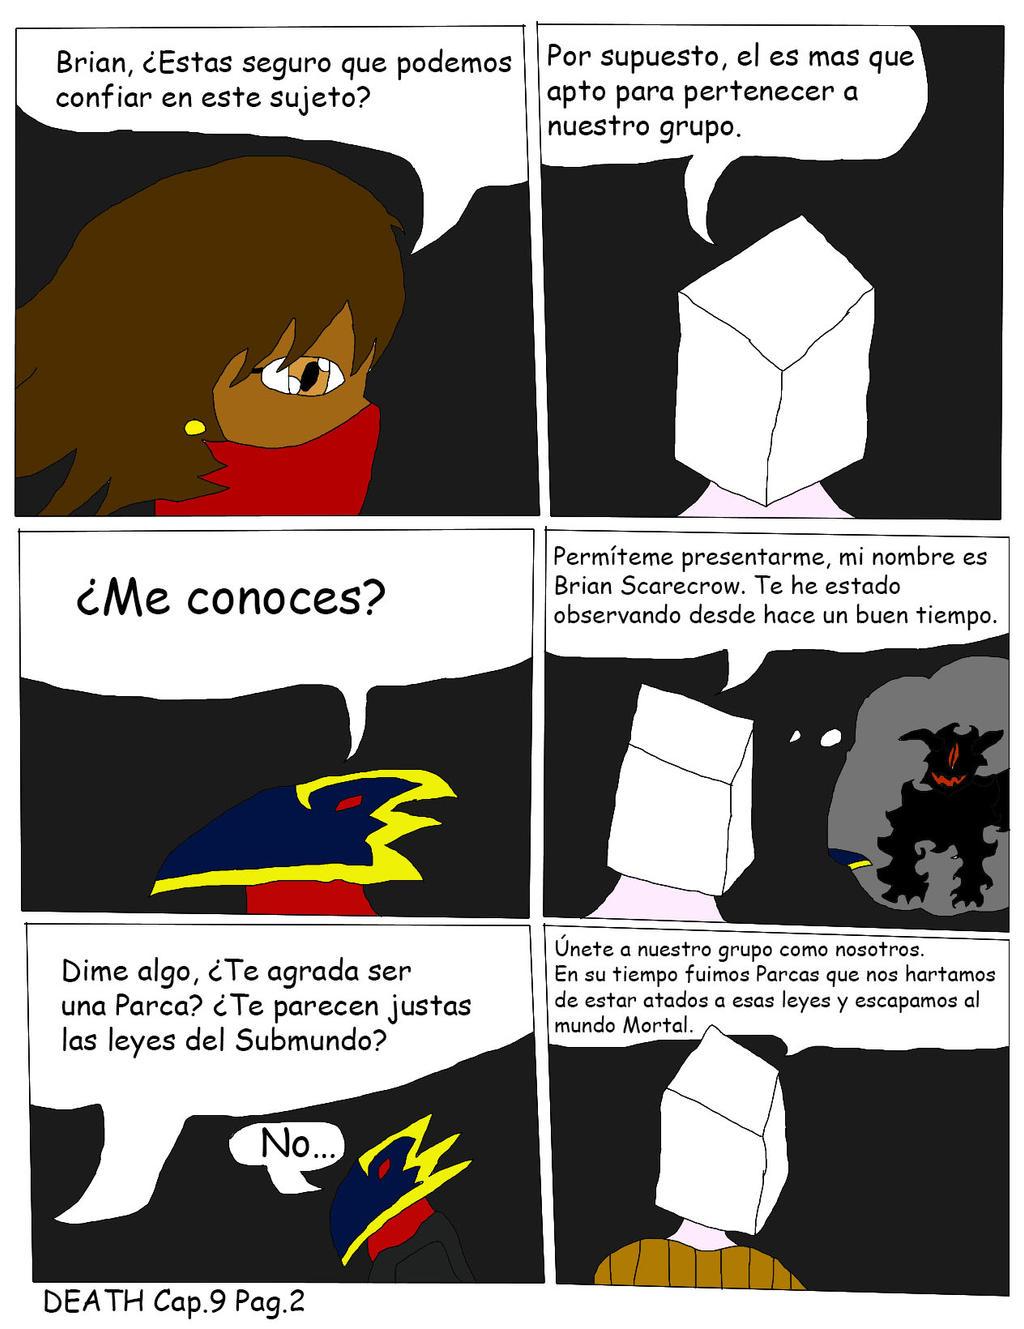 DEATH Capitulo 9 Pagina 2 by Zeroragnarok